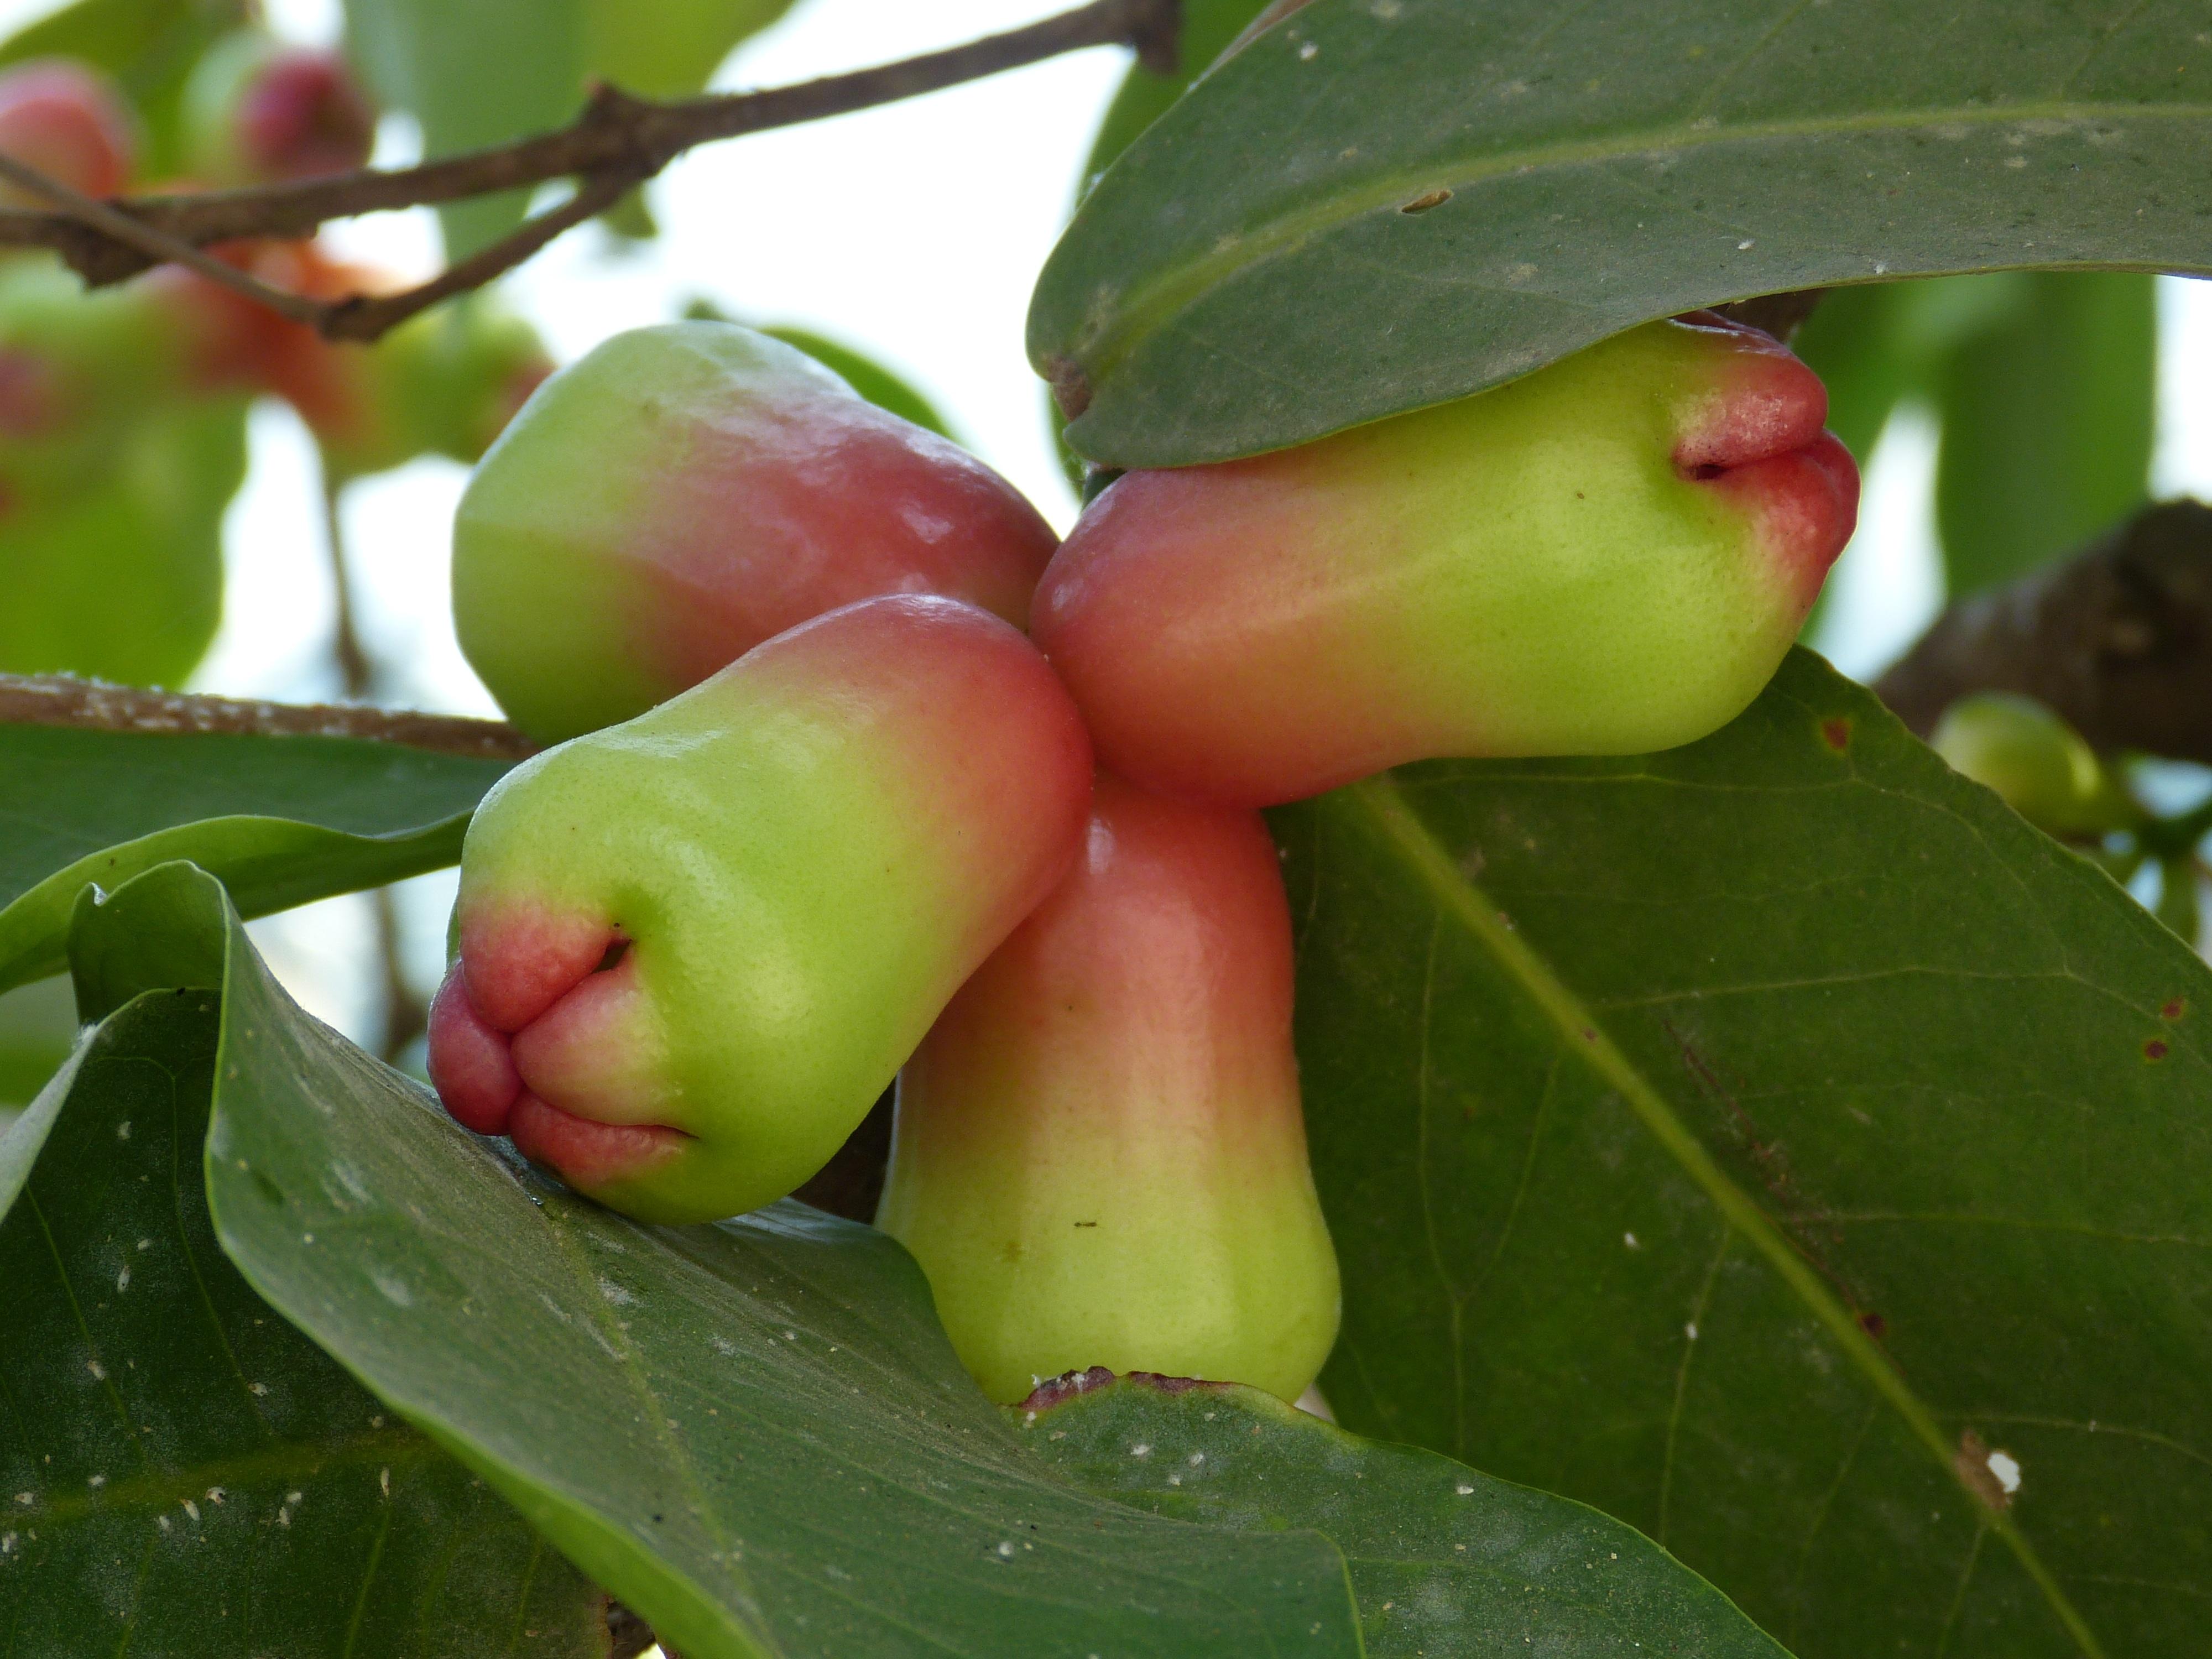 images gratuites arbre fruit feuille fleur aliments vert produire tropical asie. Black Bedroom Furniture Sets. Home Design Ideas